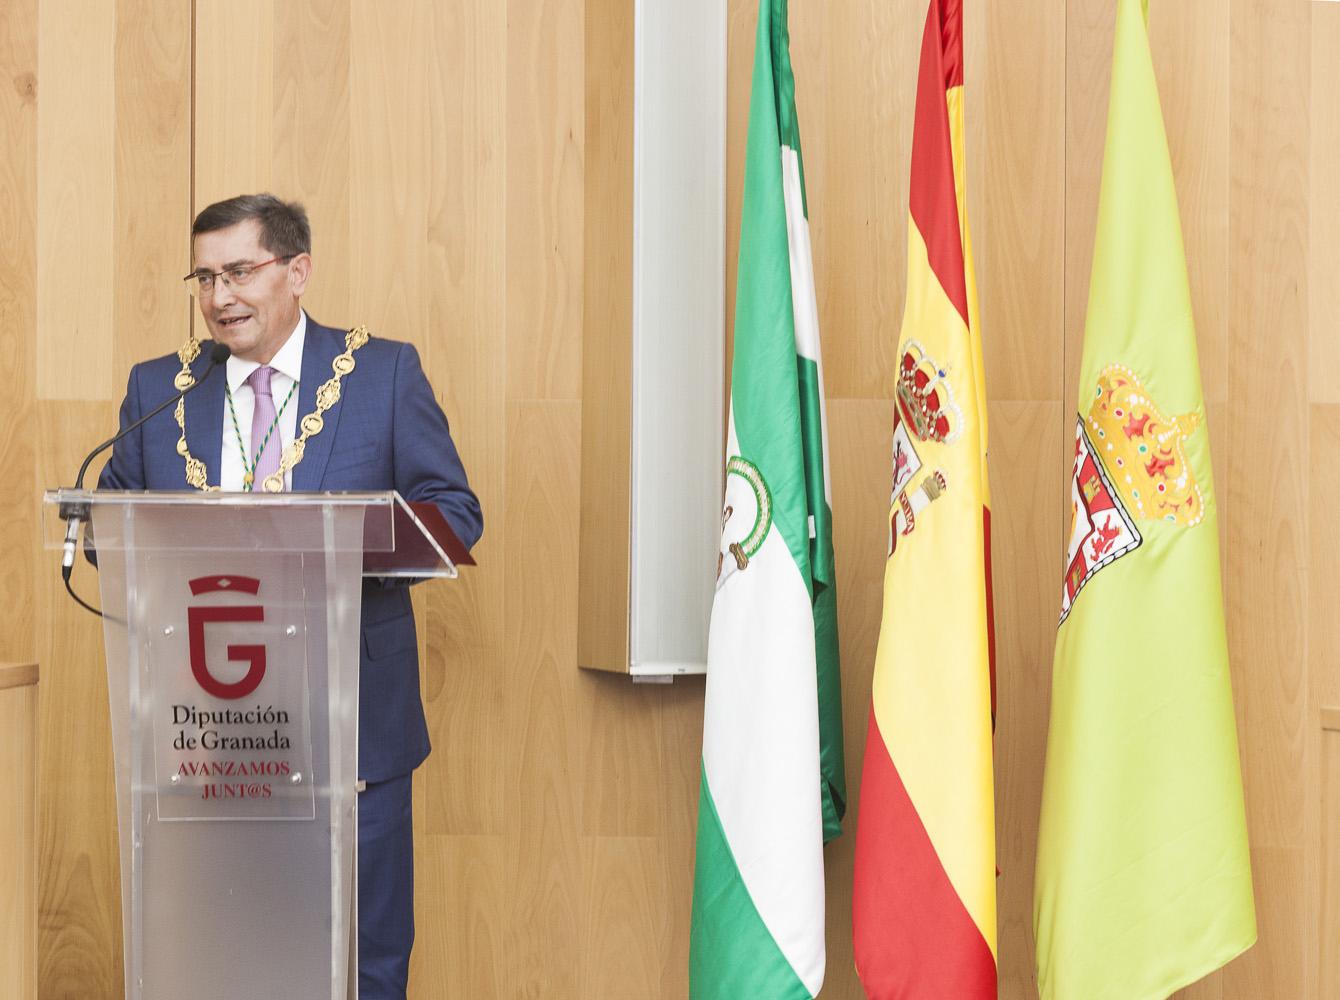 La Diputación de Granada reduce su deuda en un 21 por ciento